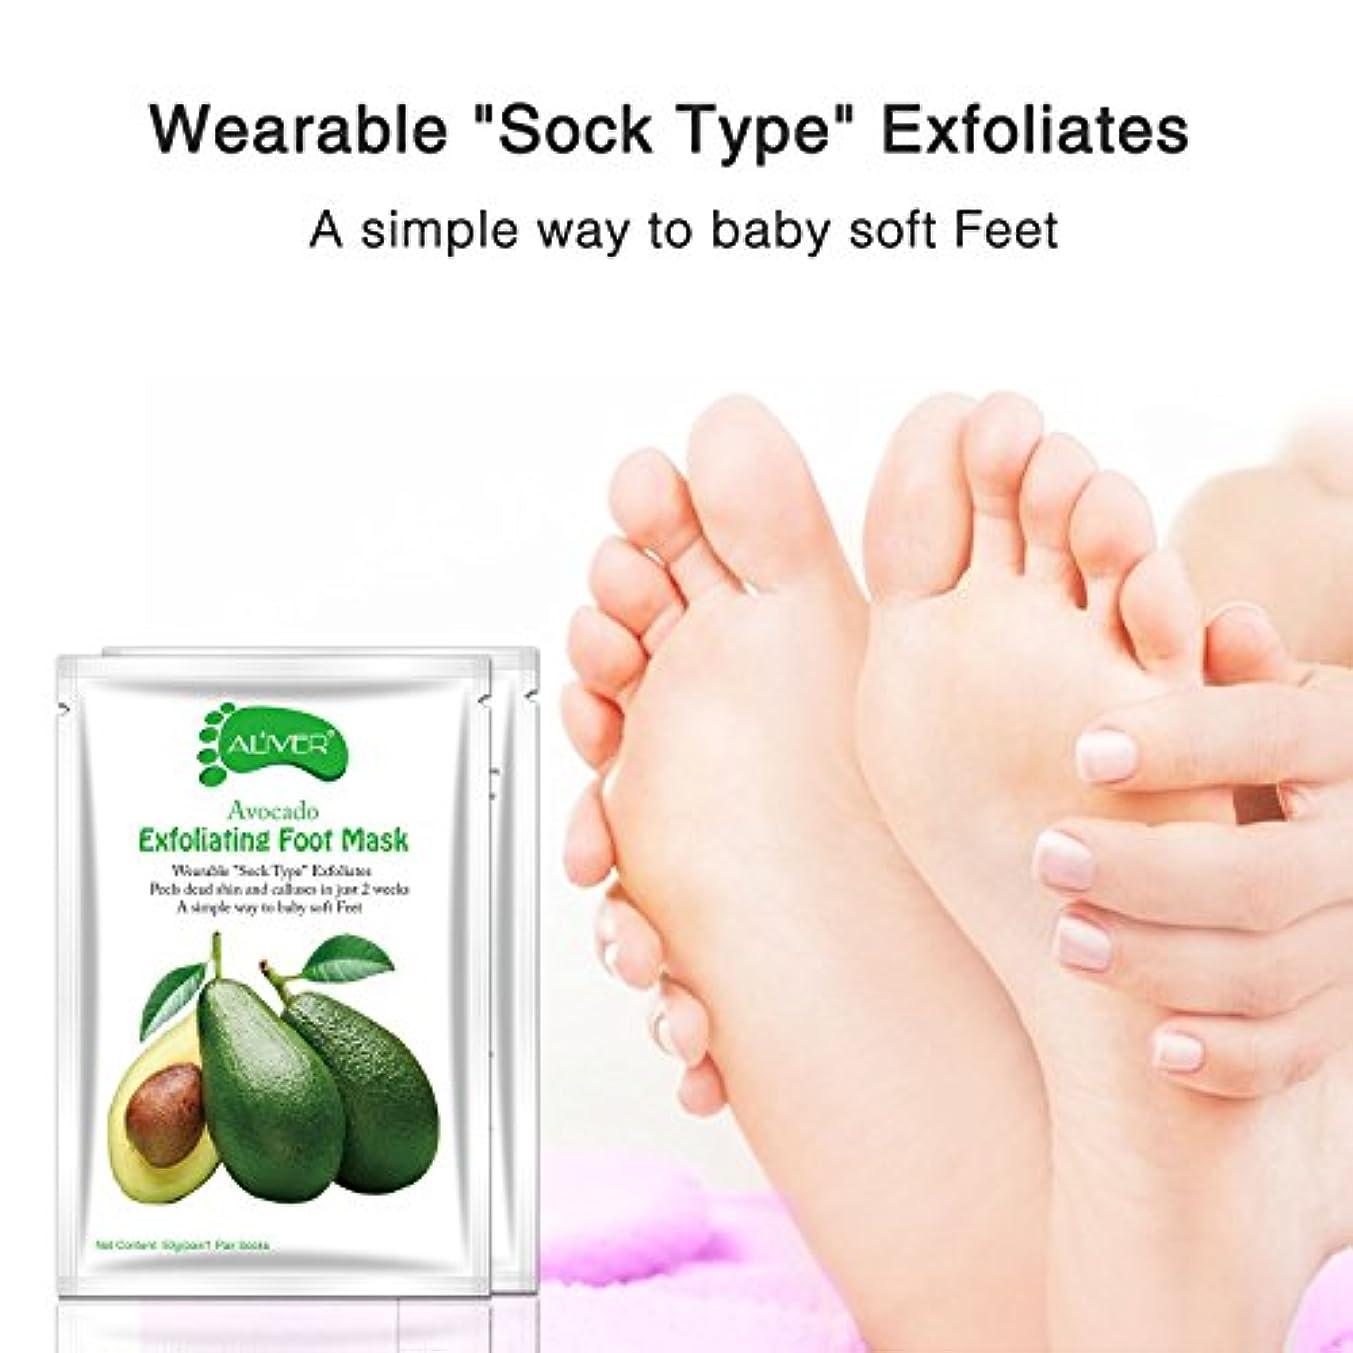 心から見分ける合成(5袋セット)Aliver足膜古い繭の死皮や角質を除去するために、1週間以内に柔らかい感触を得て、つるっとした足、ざらざらした足を修復します。男女ともに適用する。6種類の選択-パパイヤ足膜、バラ足膜、カモミール足膜、ラベンダー...